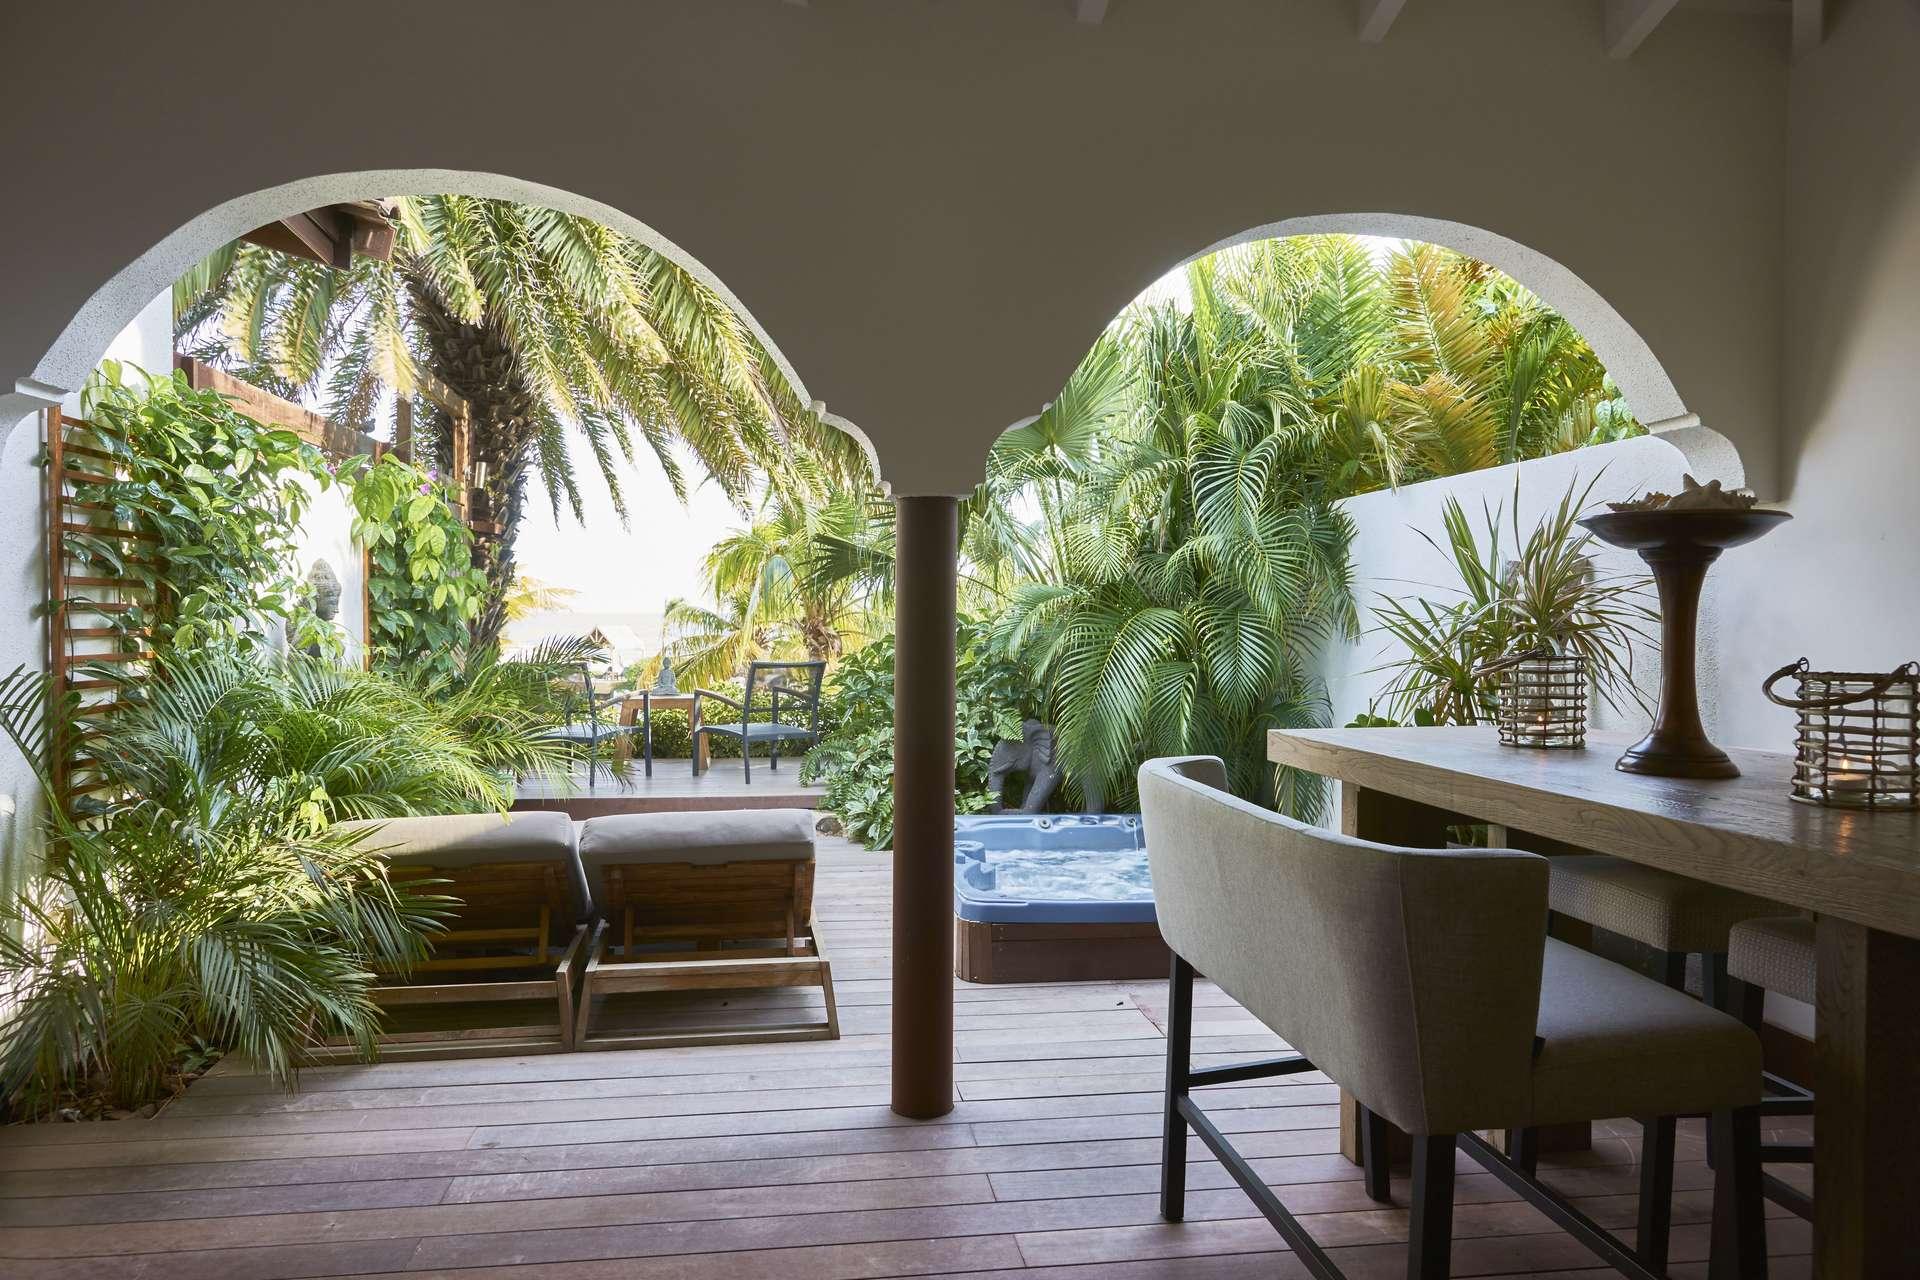 Luxury villa rentals caribbean - Curacao - Baoase luxury resort - No location 4 - Honeymoon Suite - Image 1/12